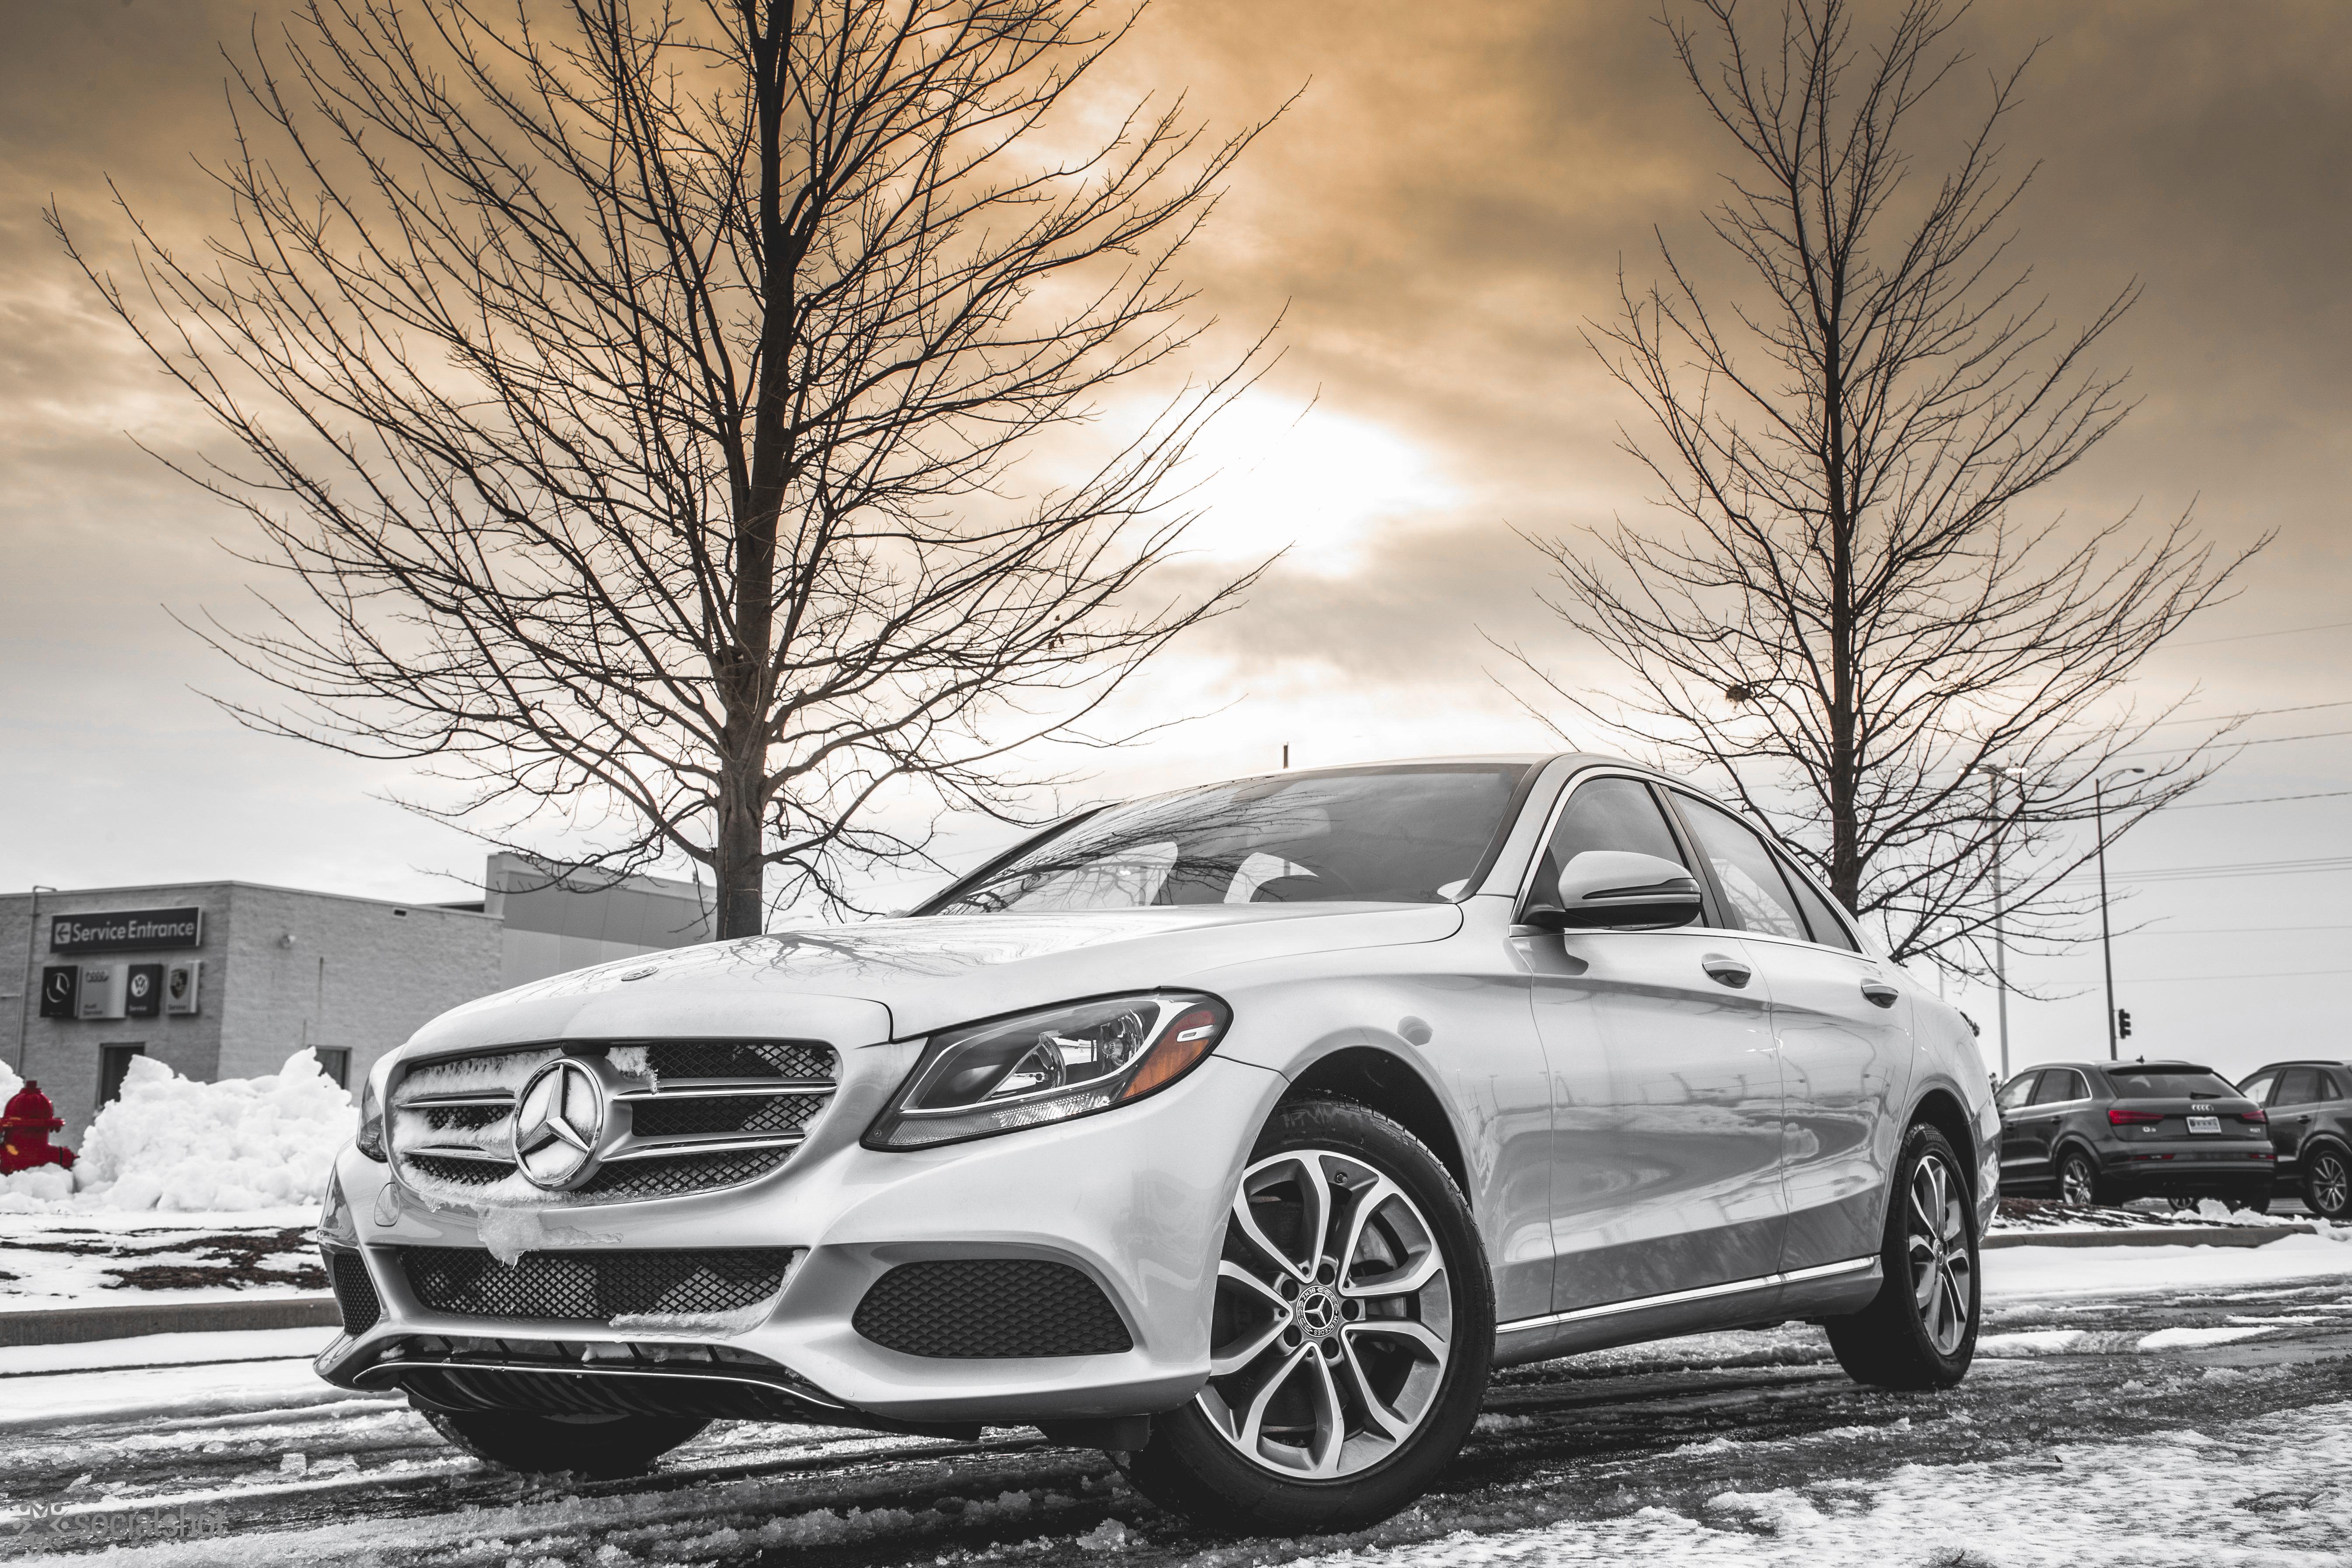 Mercedes-Benz of Peoria